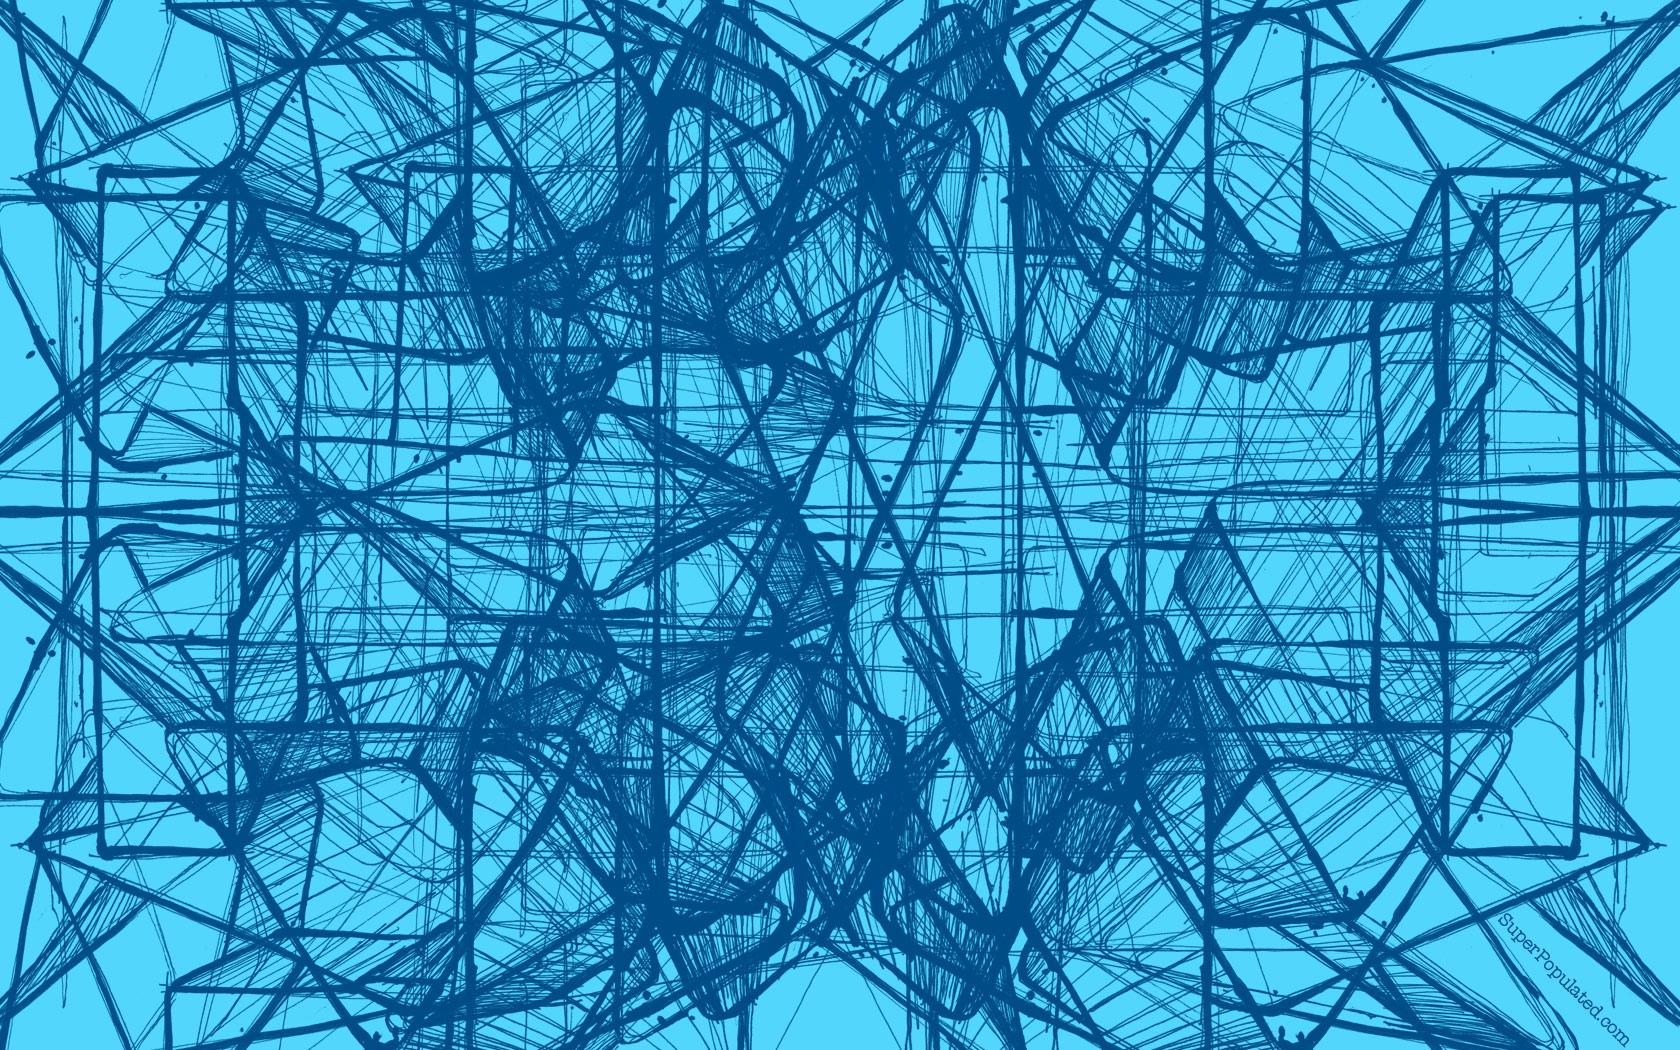 Fabric Wallpaper Geometric Wallpaper 1680x1050